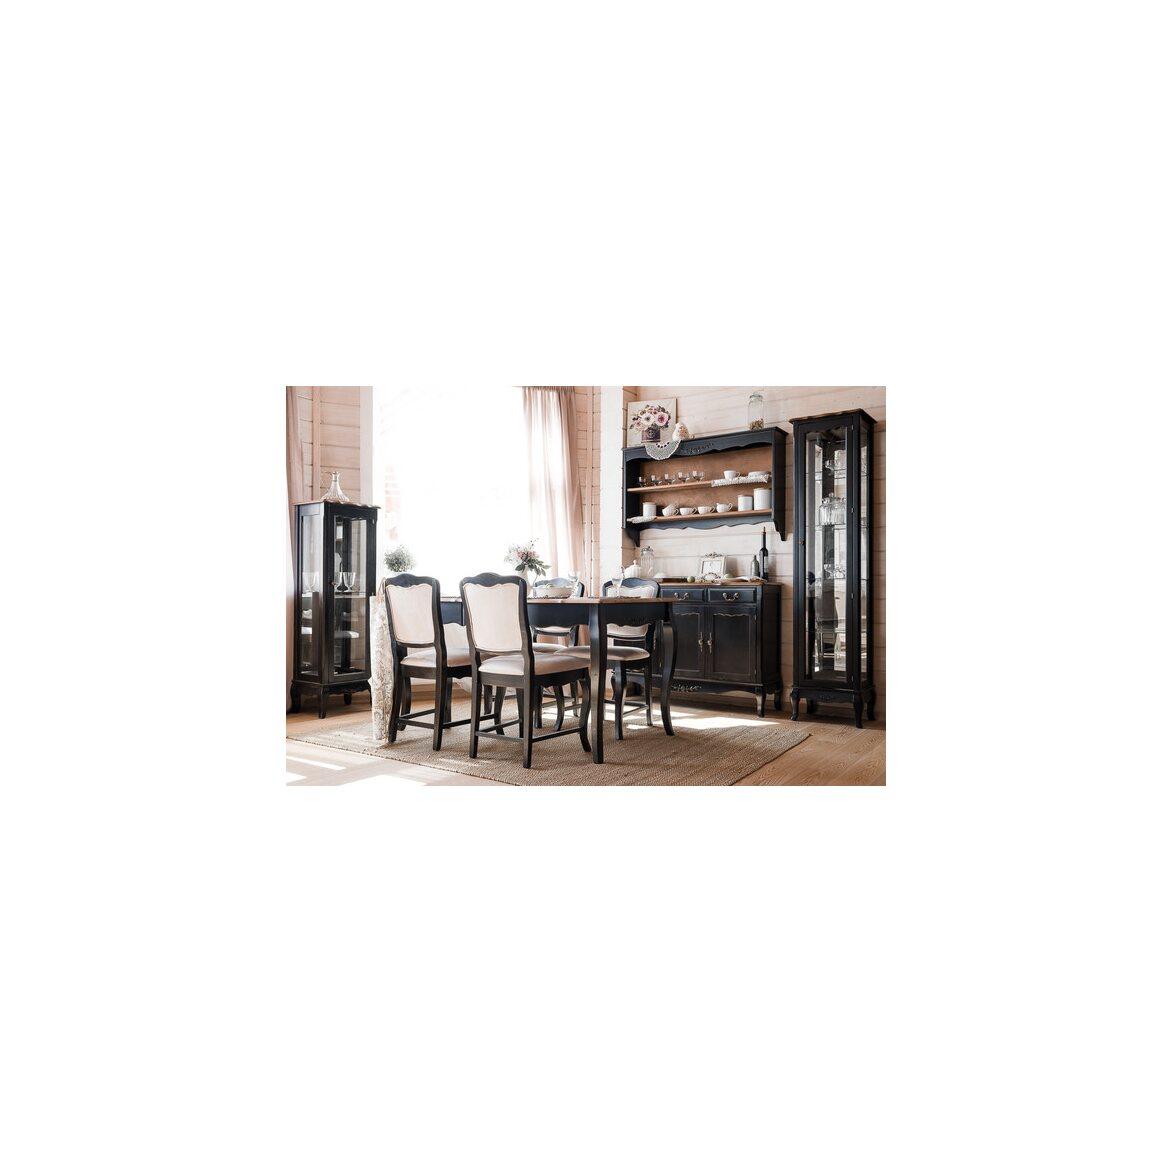 Стеклянная витрина на 4 полки (высокая) Leontina, черного цвета 2 | Витрины Kingsby